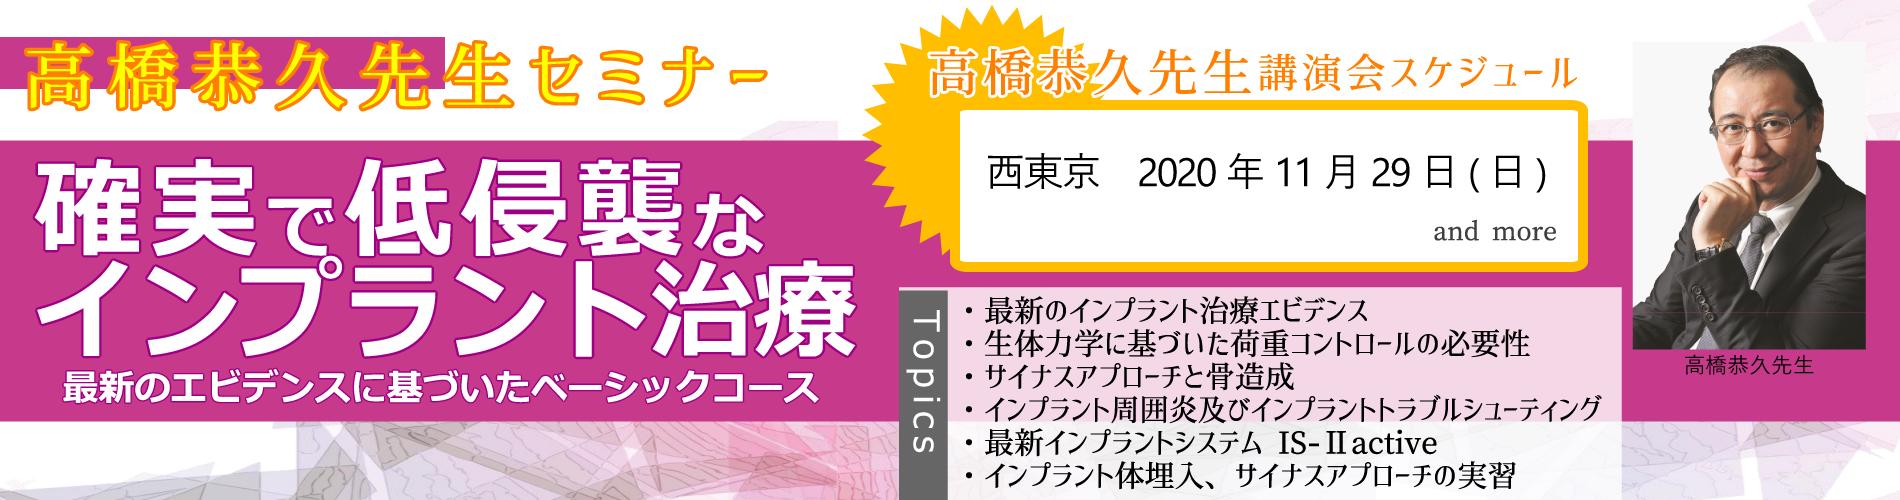 中島 康先生 講演会 2019年 開催日程